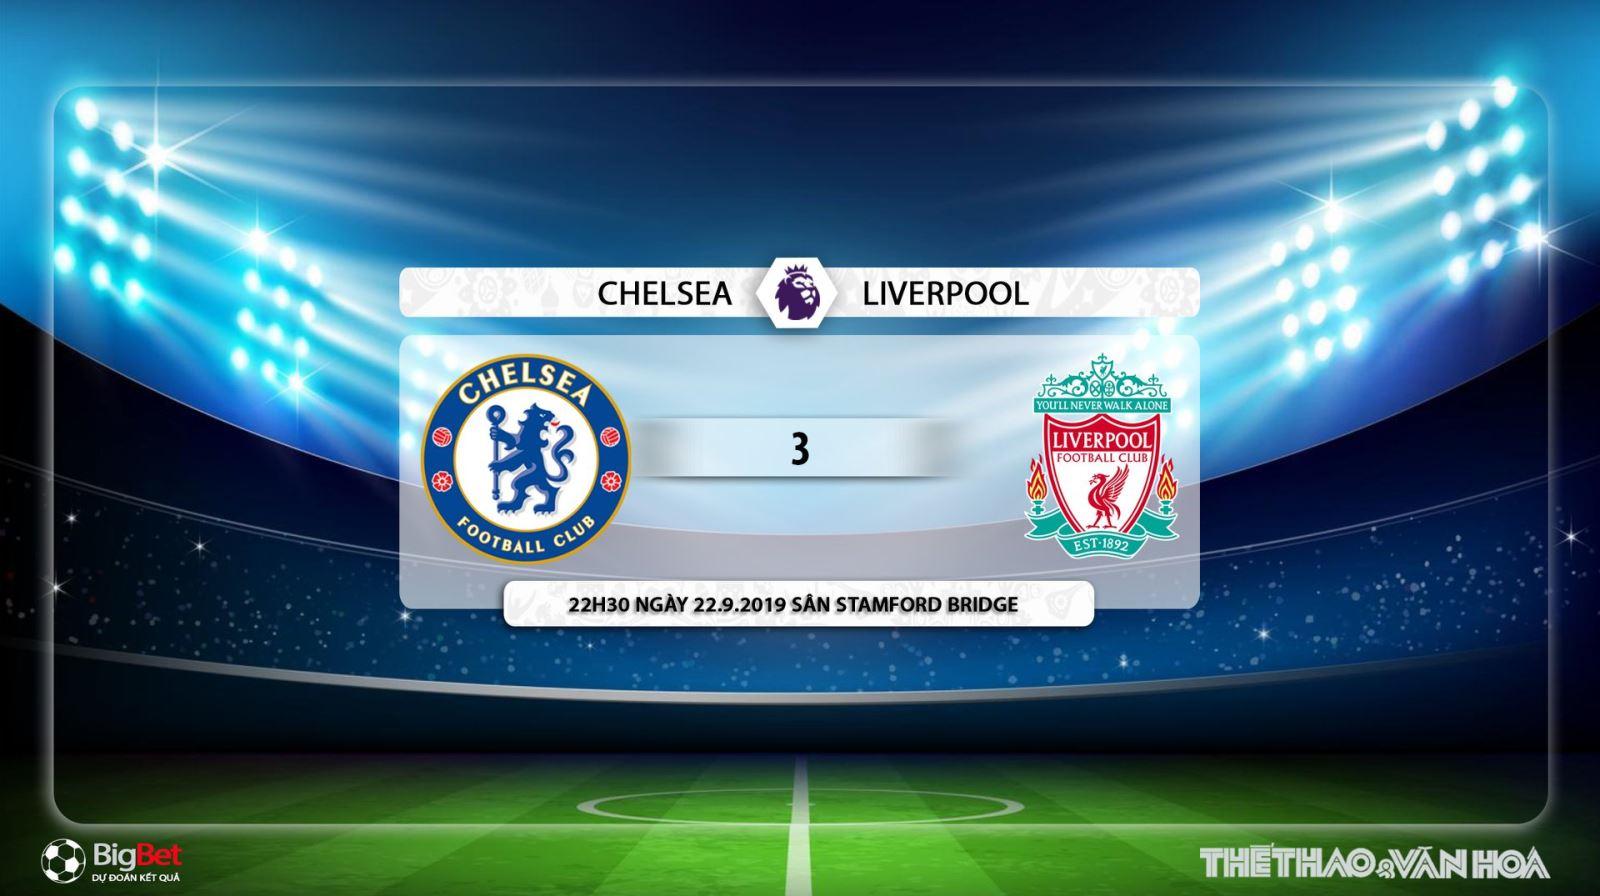 Chelsea, Liverpool, trực tiếp bóng đá, chelsea vs liverpoo, chelsea đấu với liverpool, K+, ngoại hạng anh, xem bóng đá trực tuyến